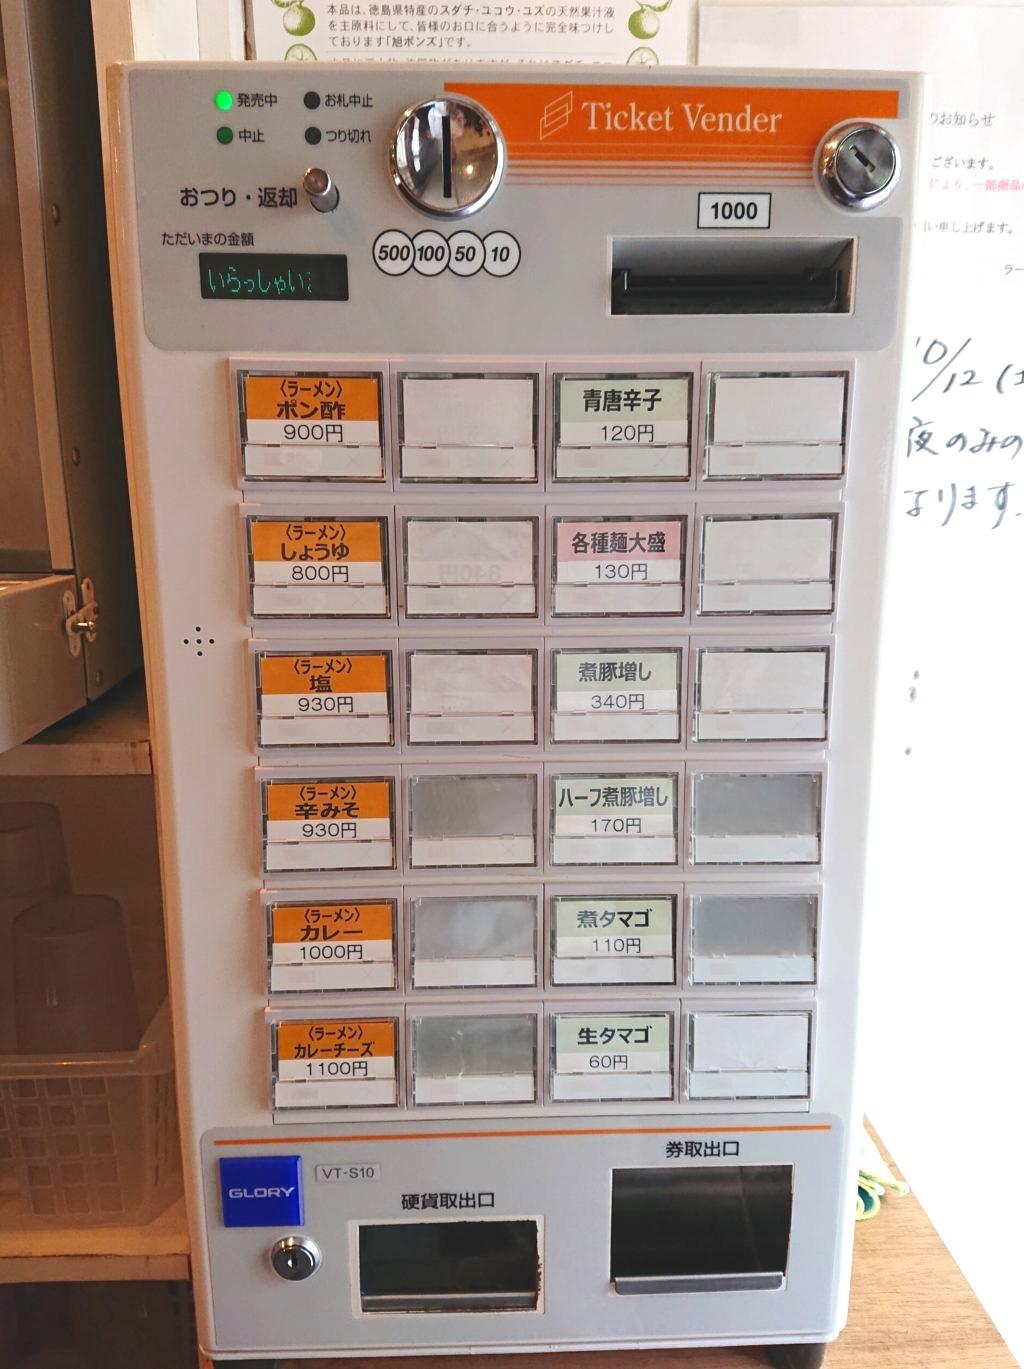 凛 渋谷店 食券機のメニュー